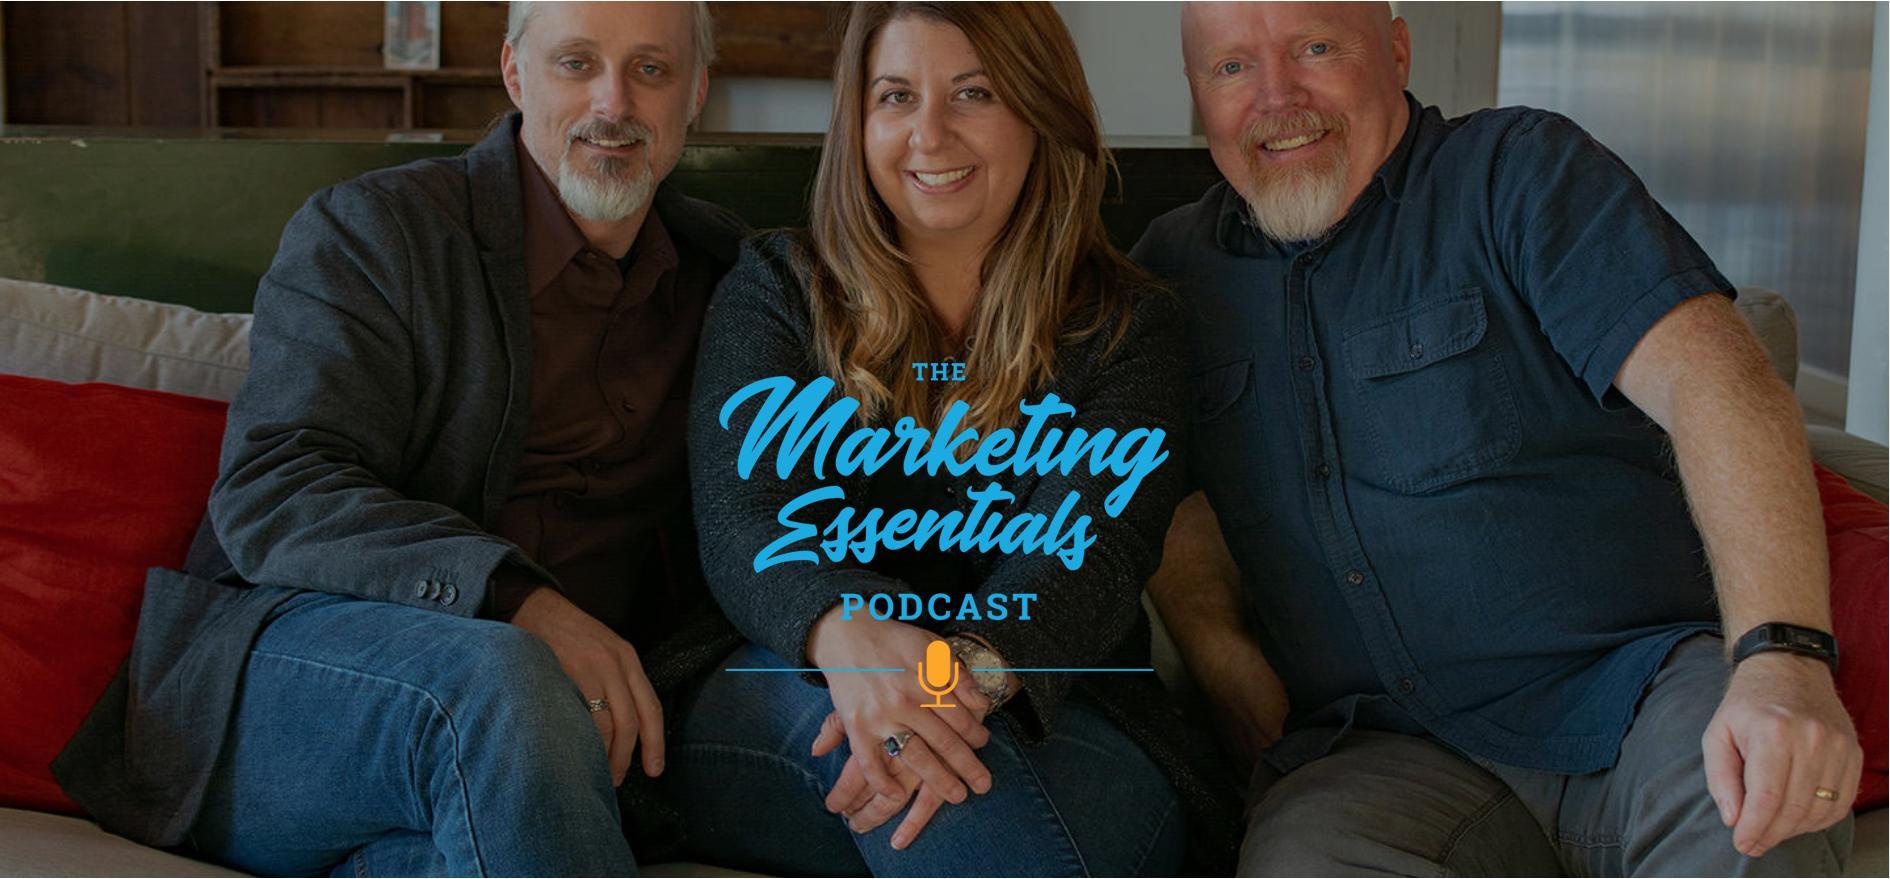 Marketing Essentials Podcast banner.jpg